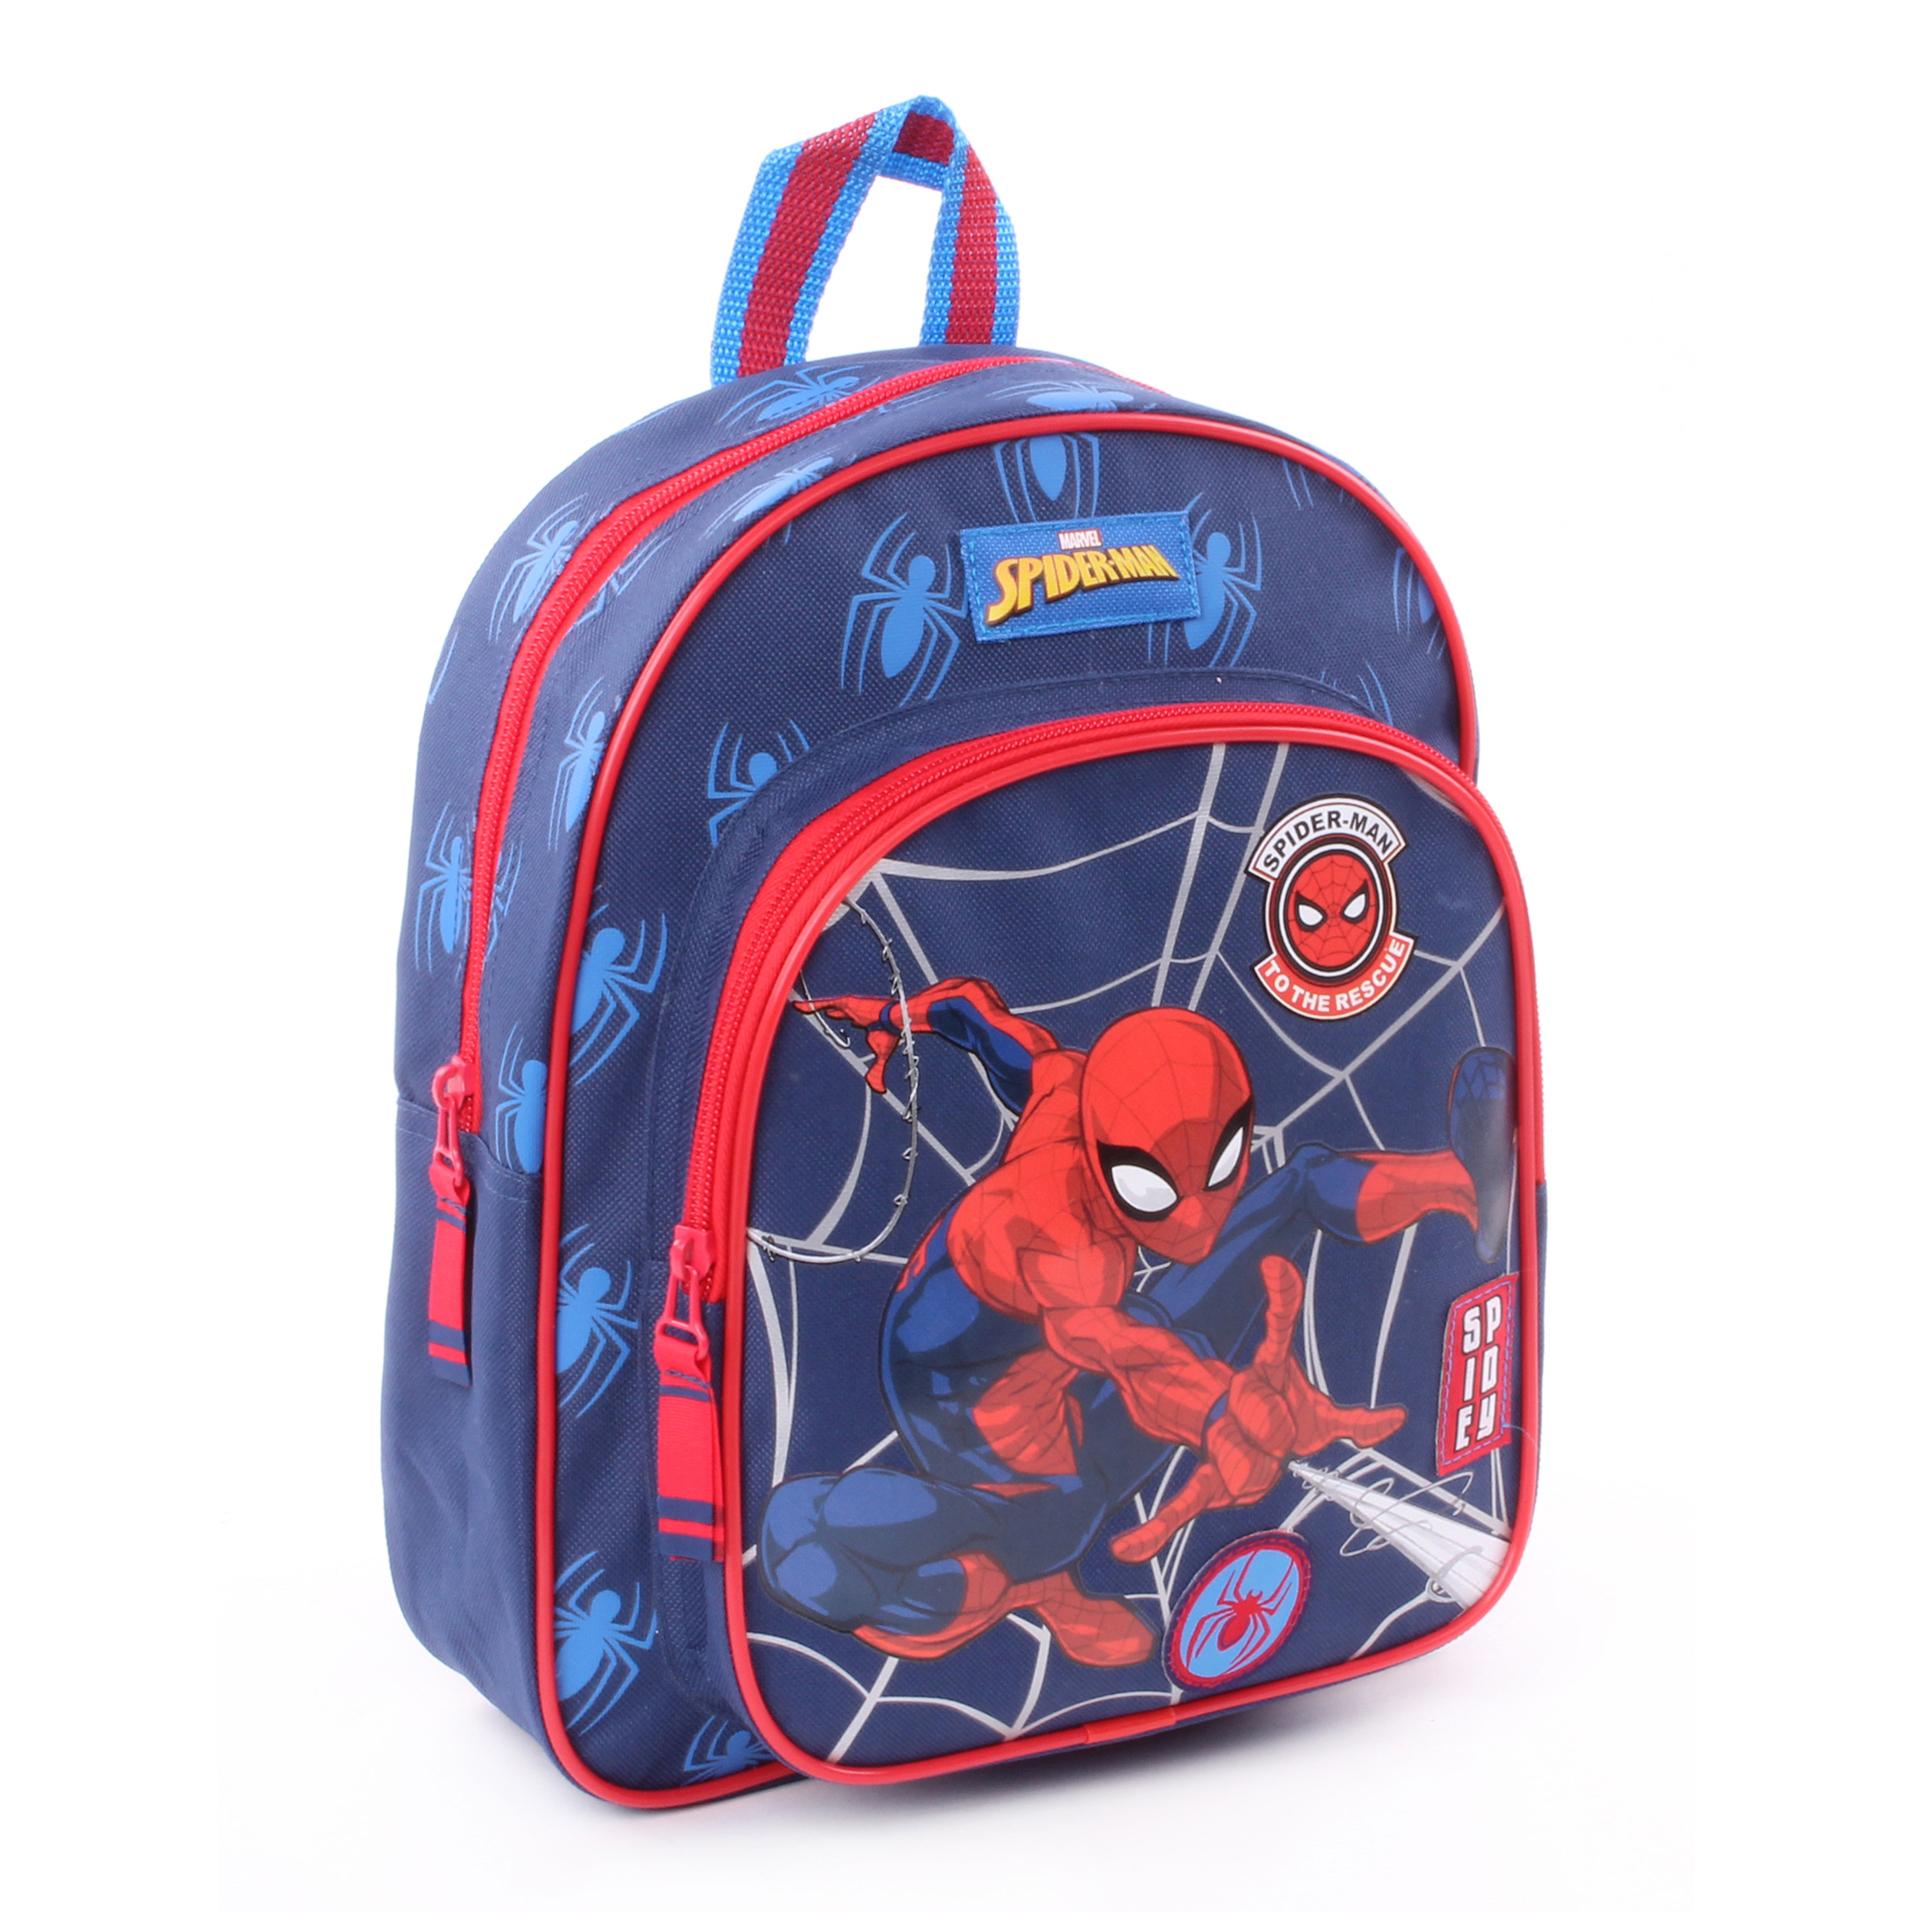 Rugzakje Spiderman - Great Power